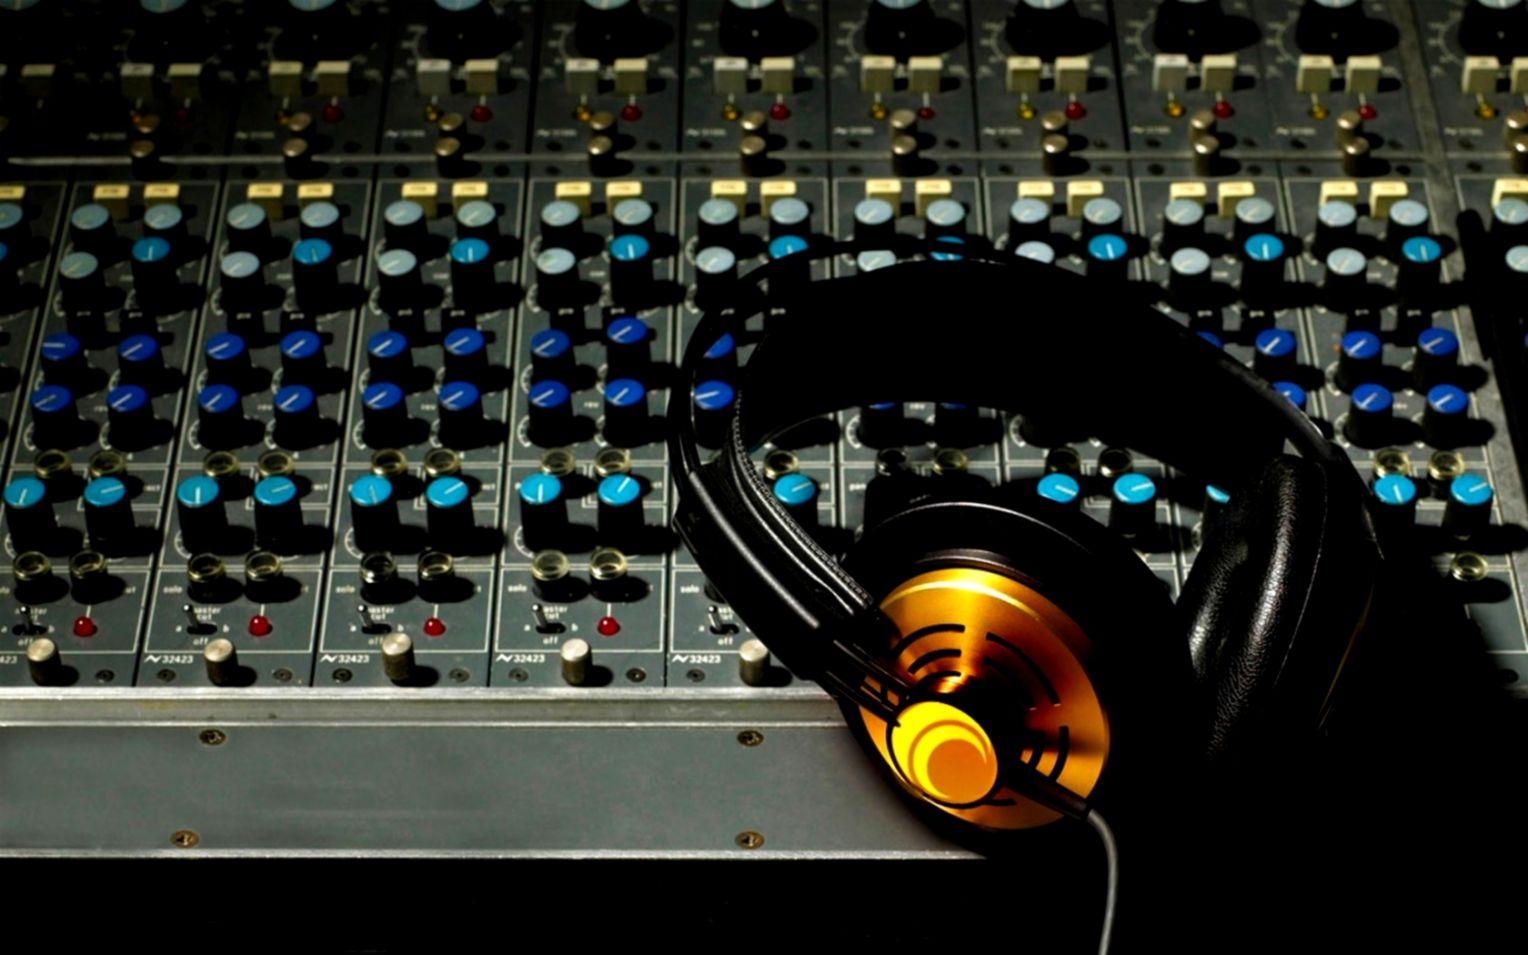 nexus download fl studio 11